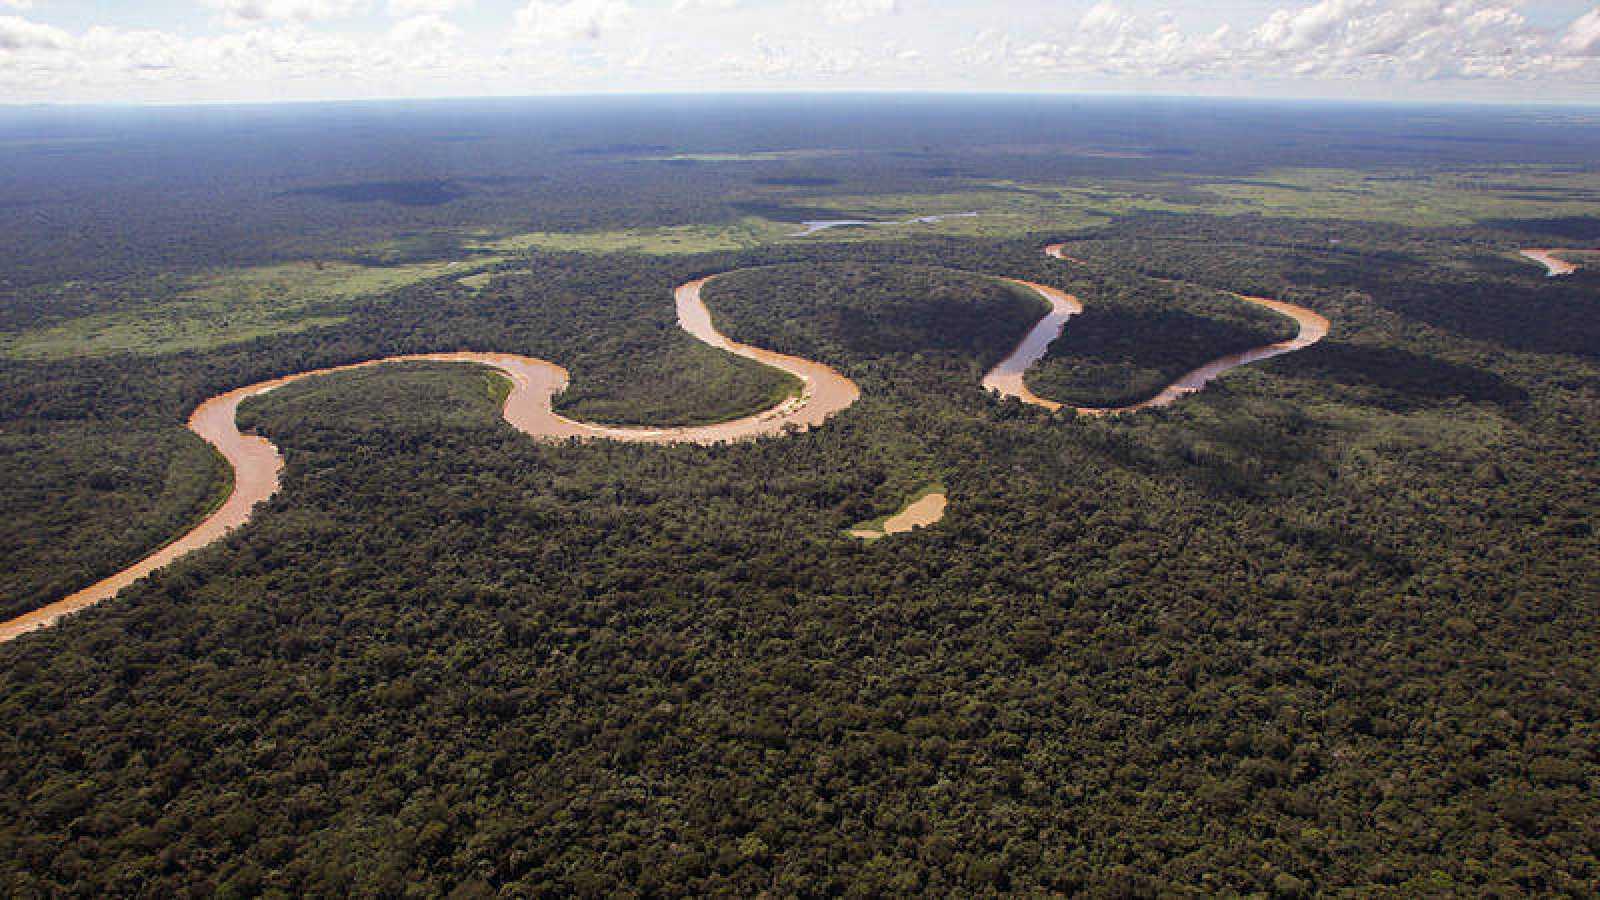 El informe de científicos internacionales se centra en el Territorio Indígena y Parque Nacional Isiboro-Secure (Tipnis).